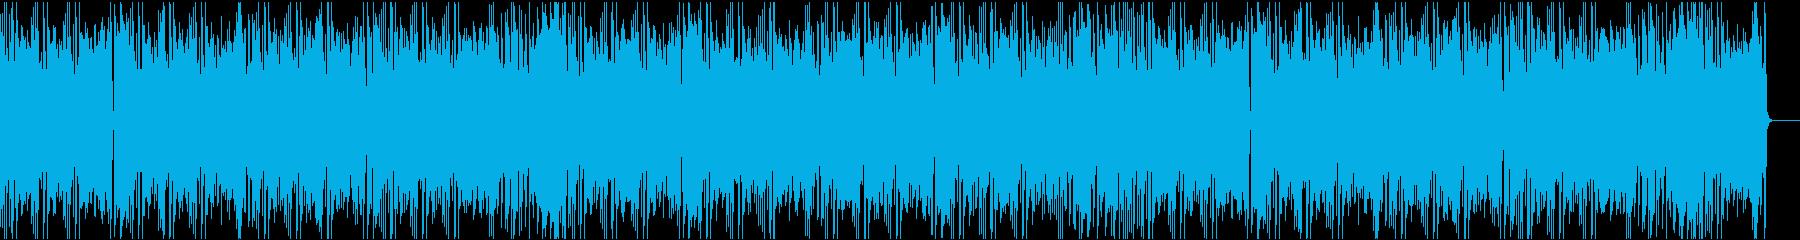 かわいいコミカル/カラオケの再生済みの波形